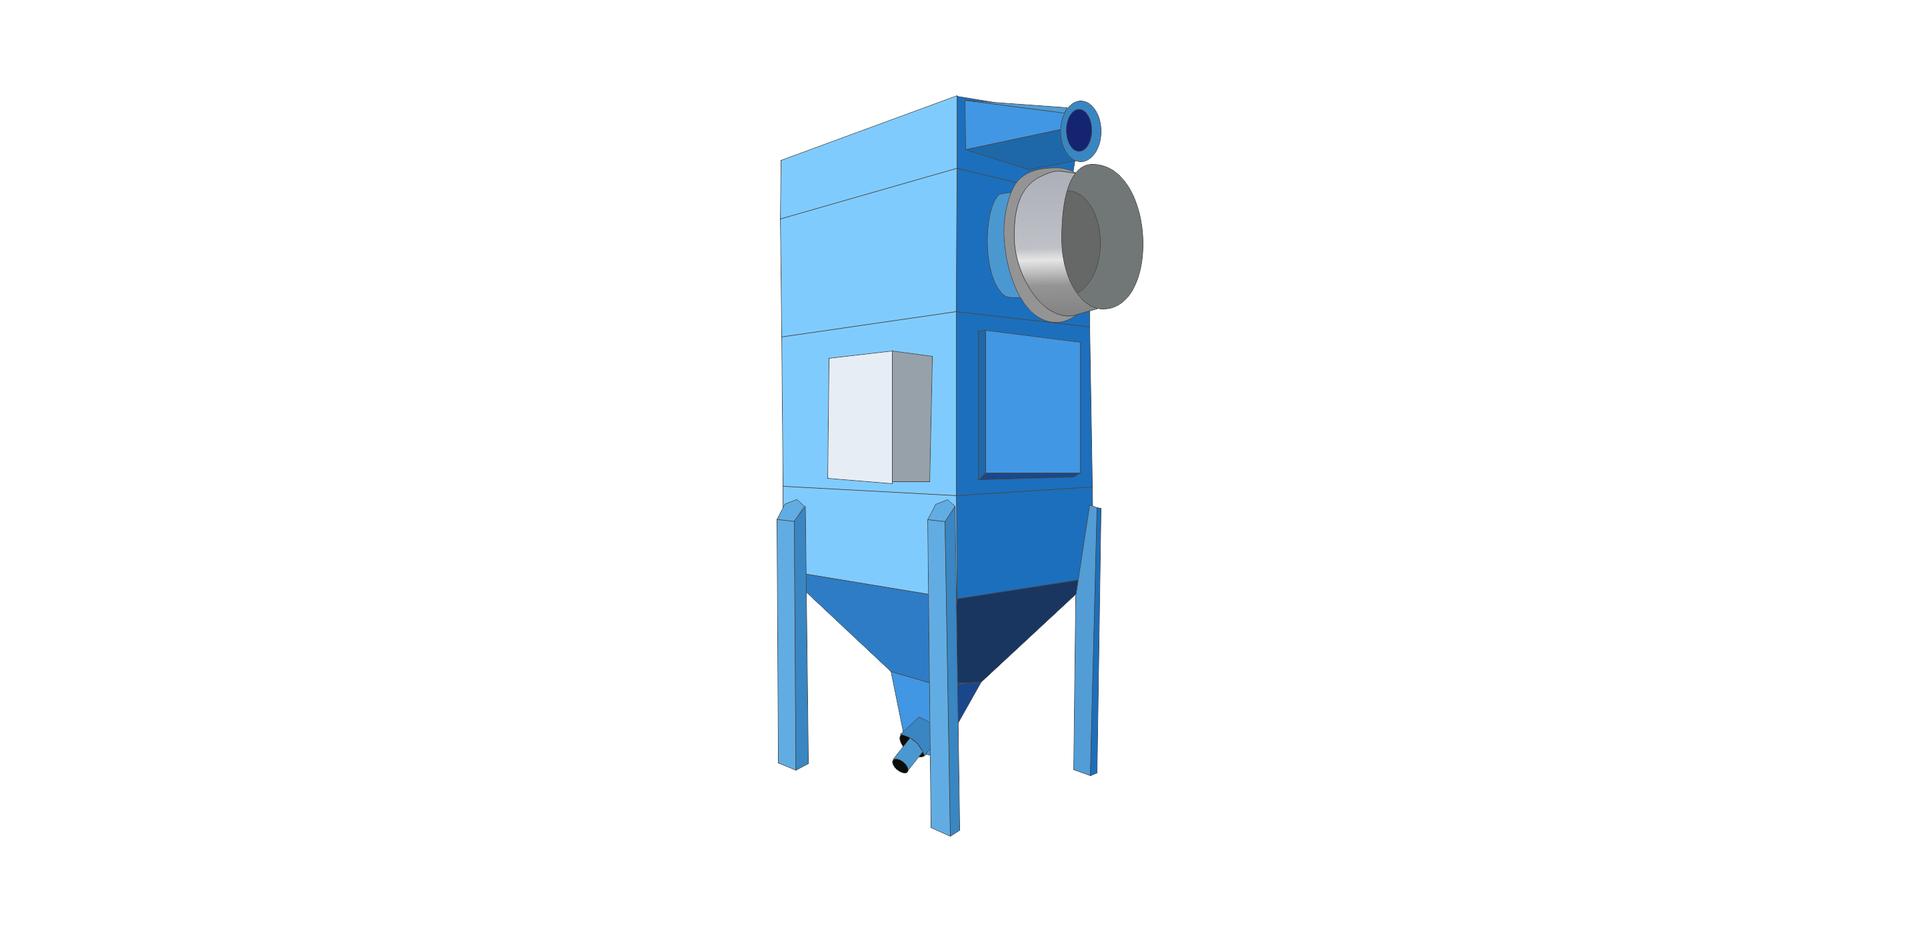 Ilustracja przedstawia urządzenie odpylajace.